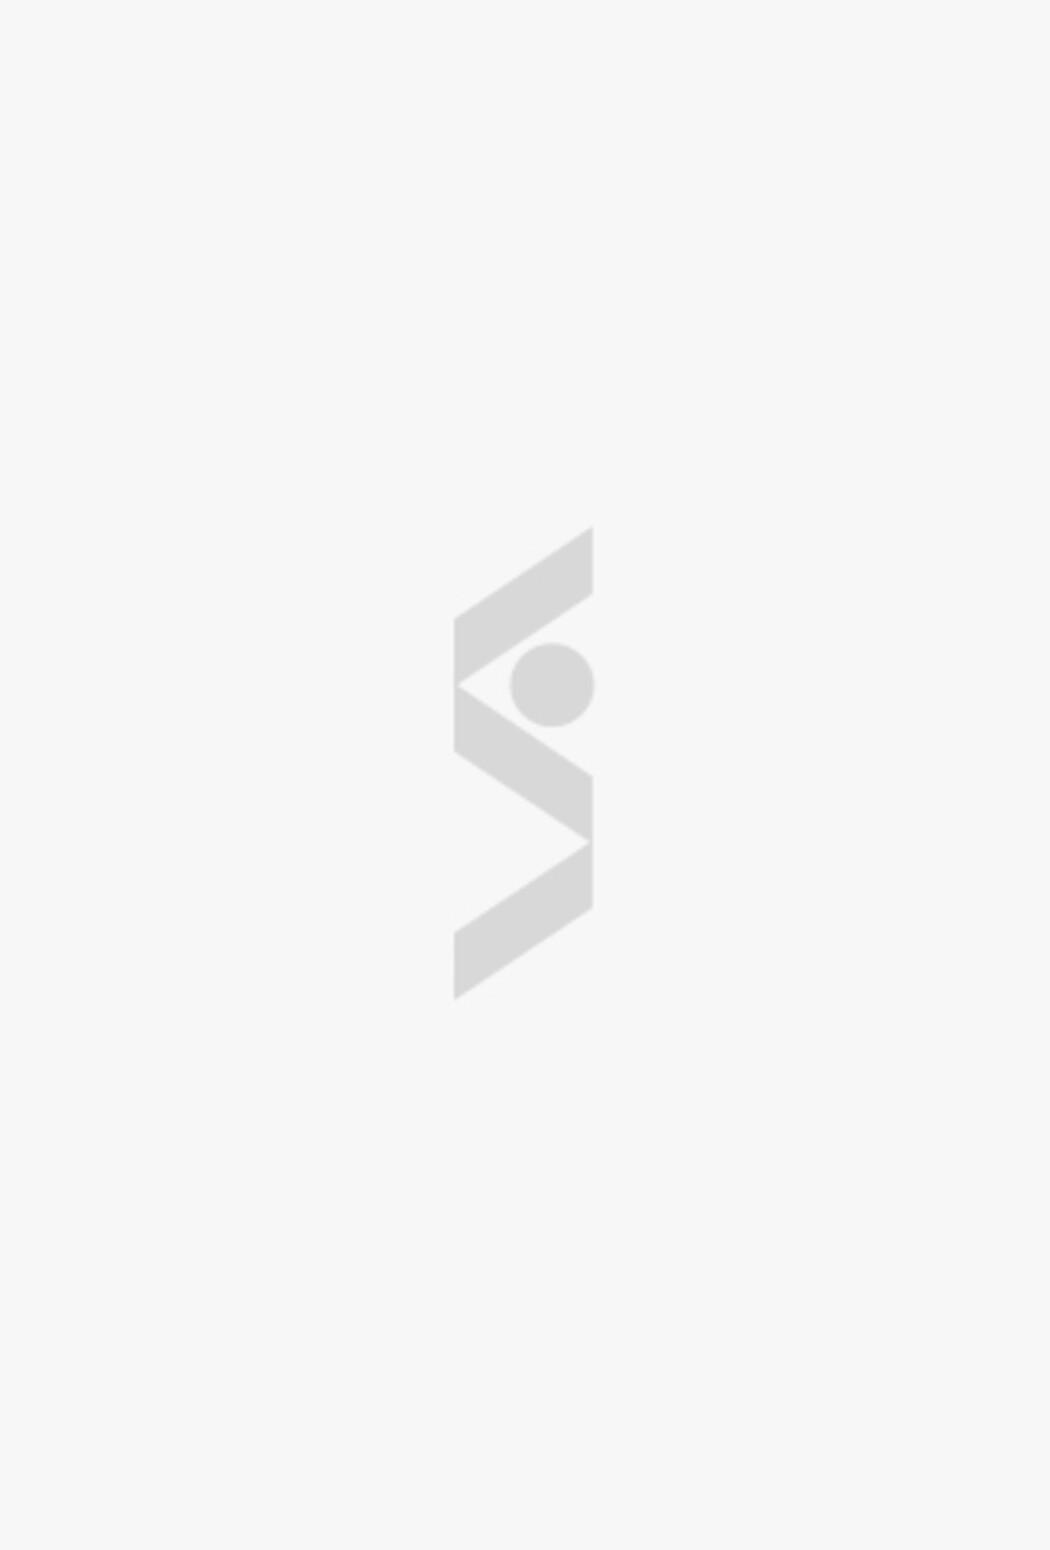 Пуховик с мехом на капюшоне RUKKA - скоро в продаже в интернет-магазине СТОКМАНН в Москве